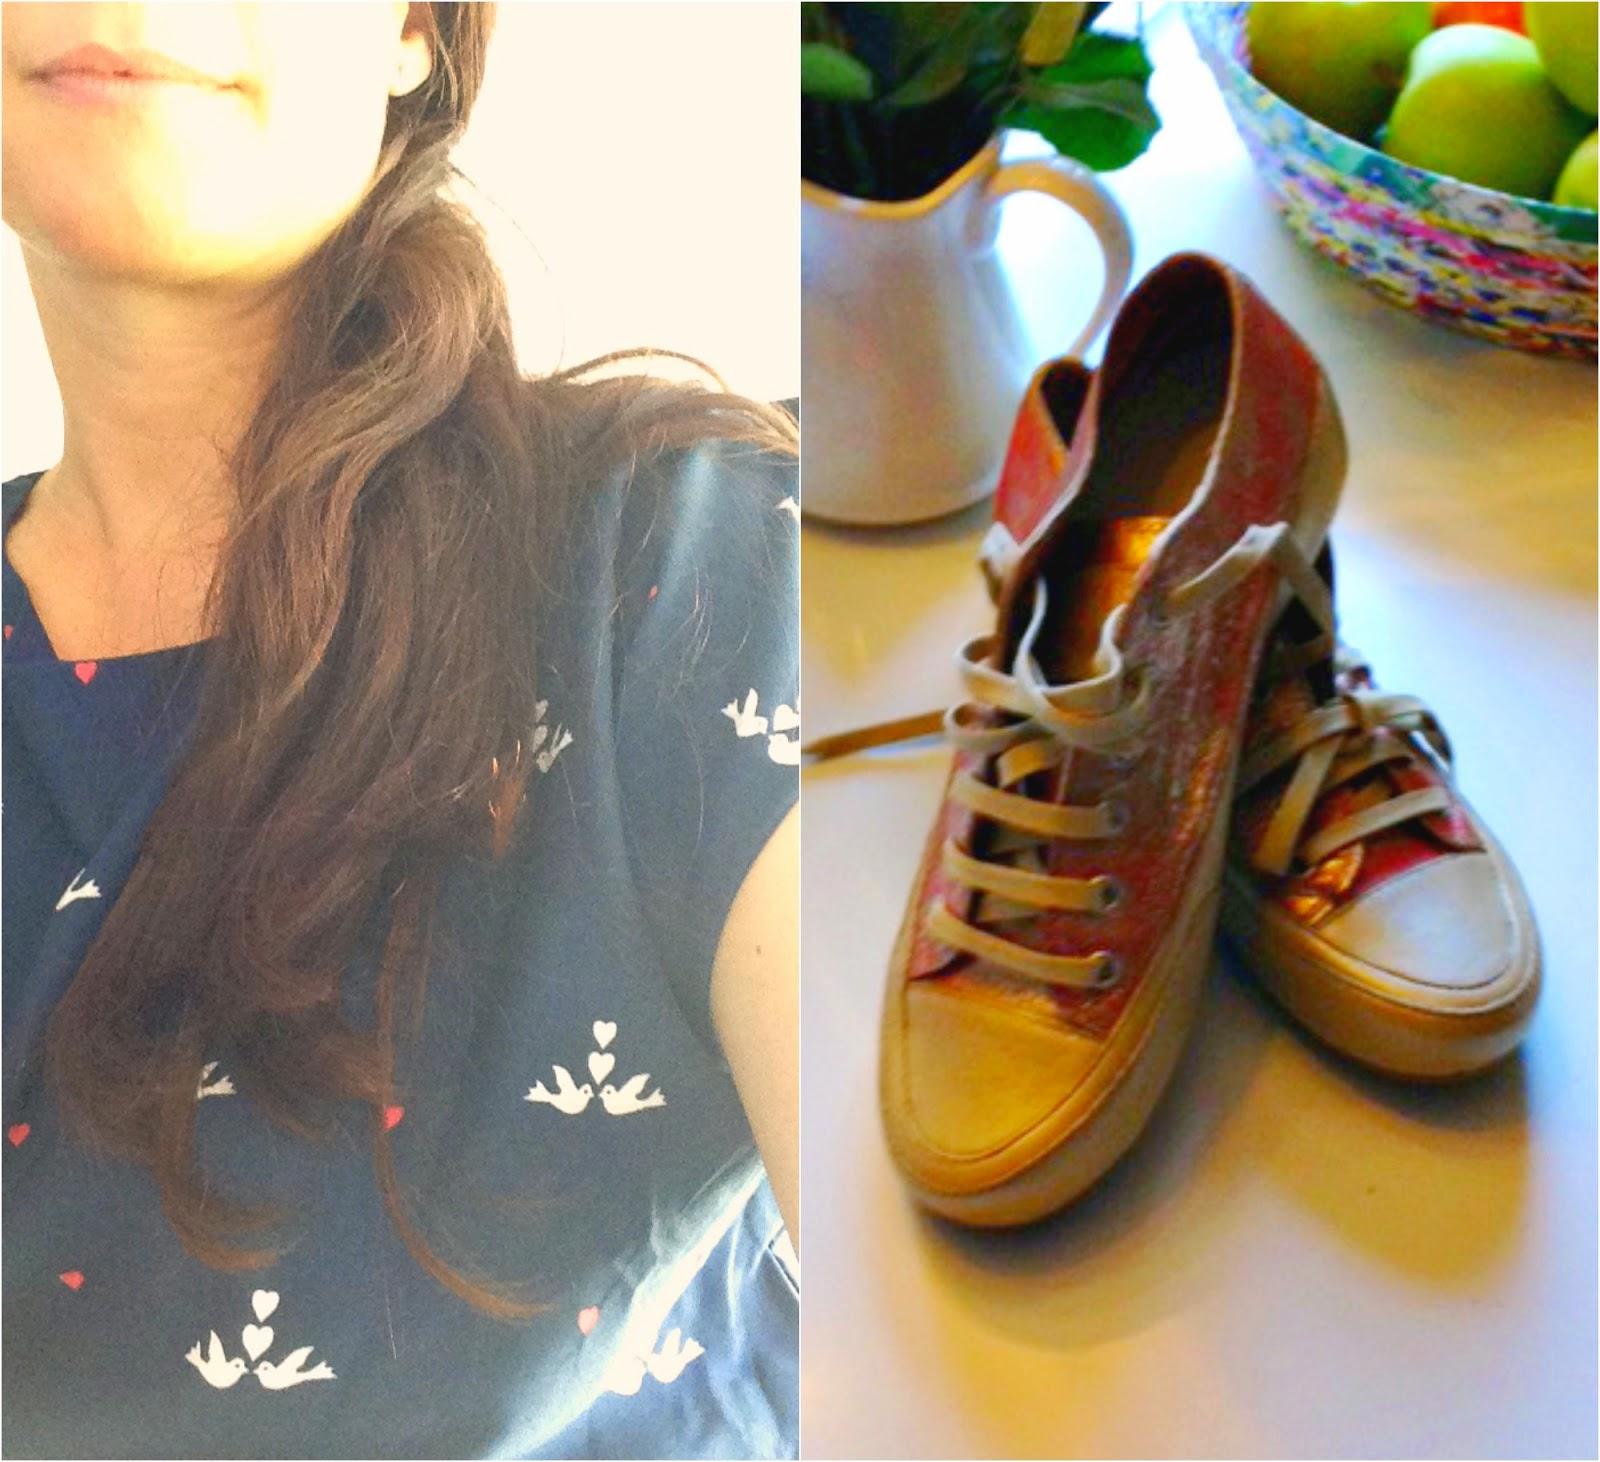 Wochenglück im Sommerkleid und mit neuen Schuhen